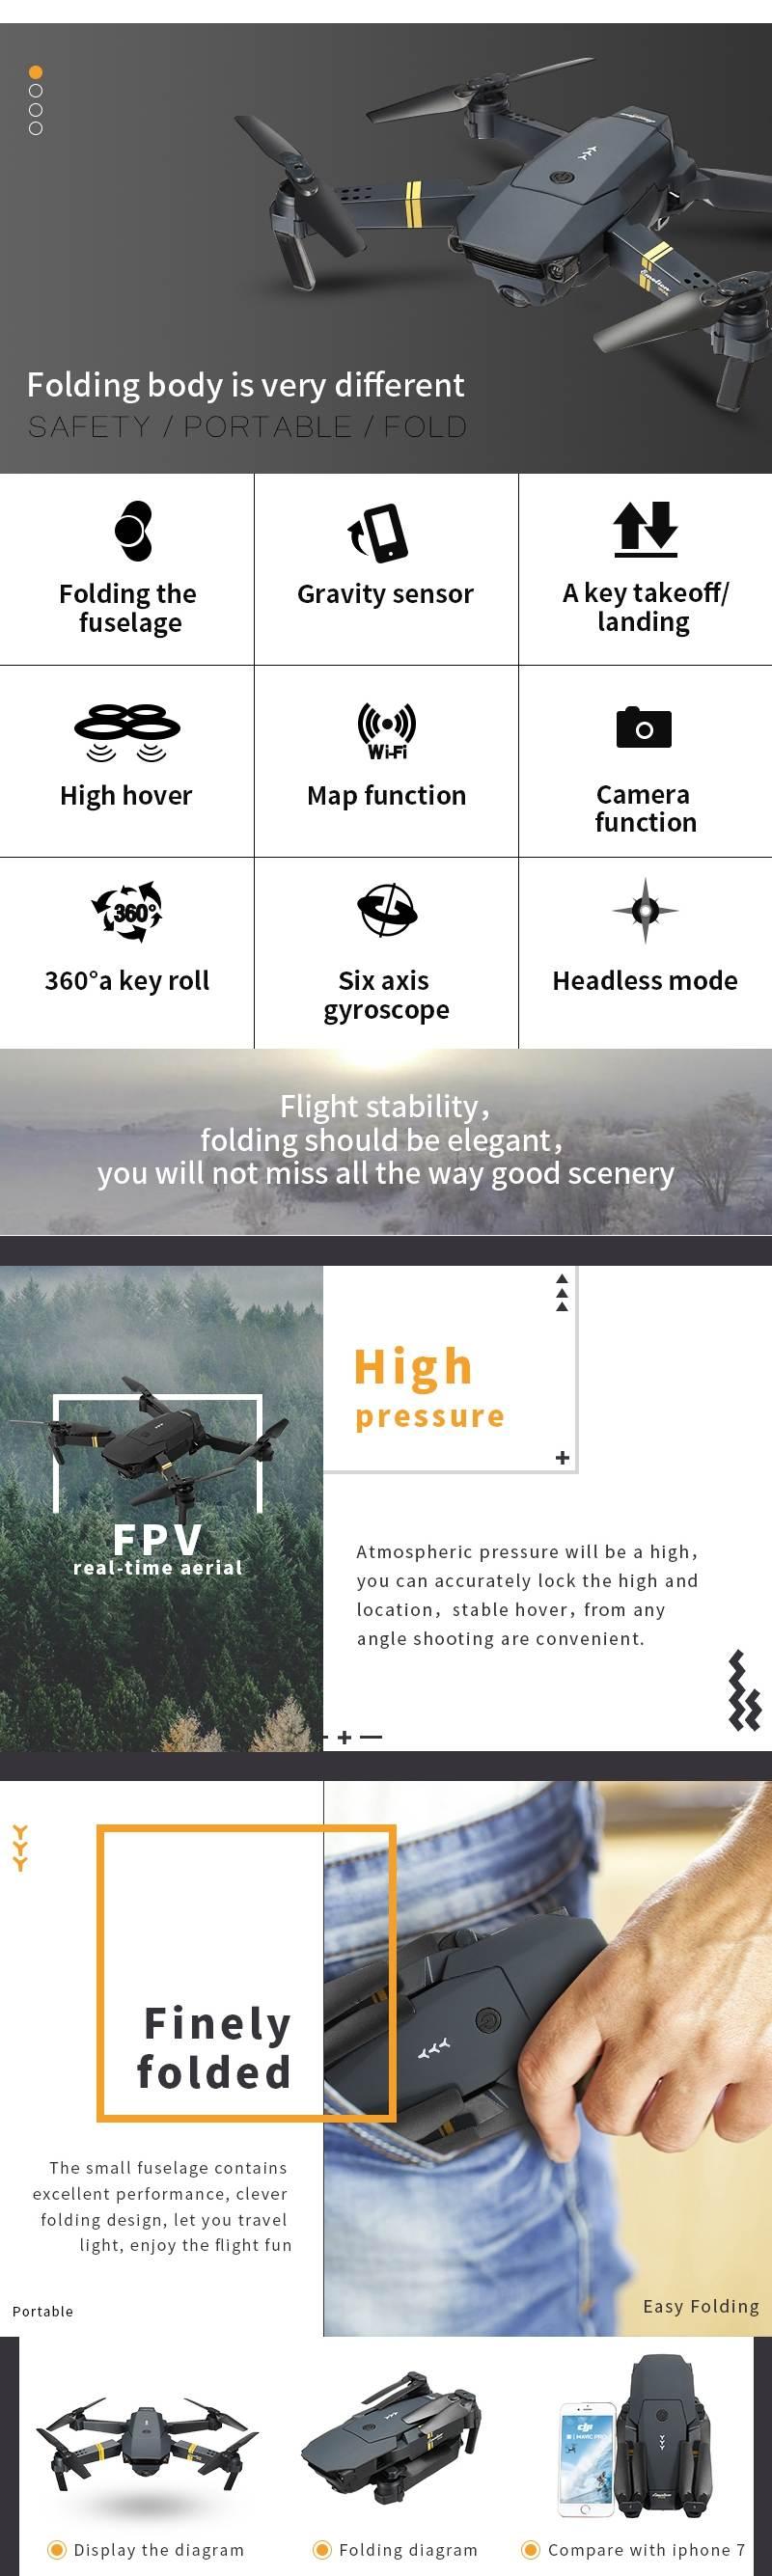 Promotion drône parrot, avis drone parrot application